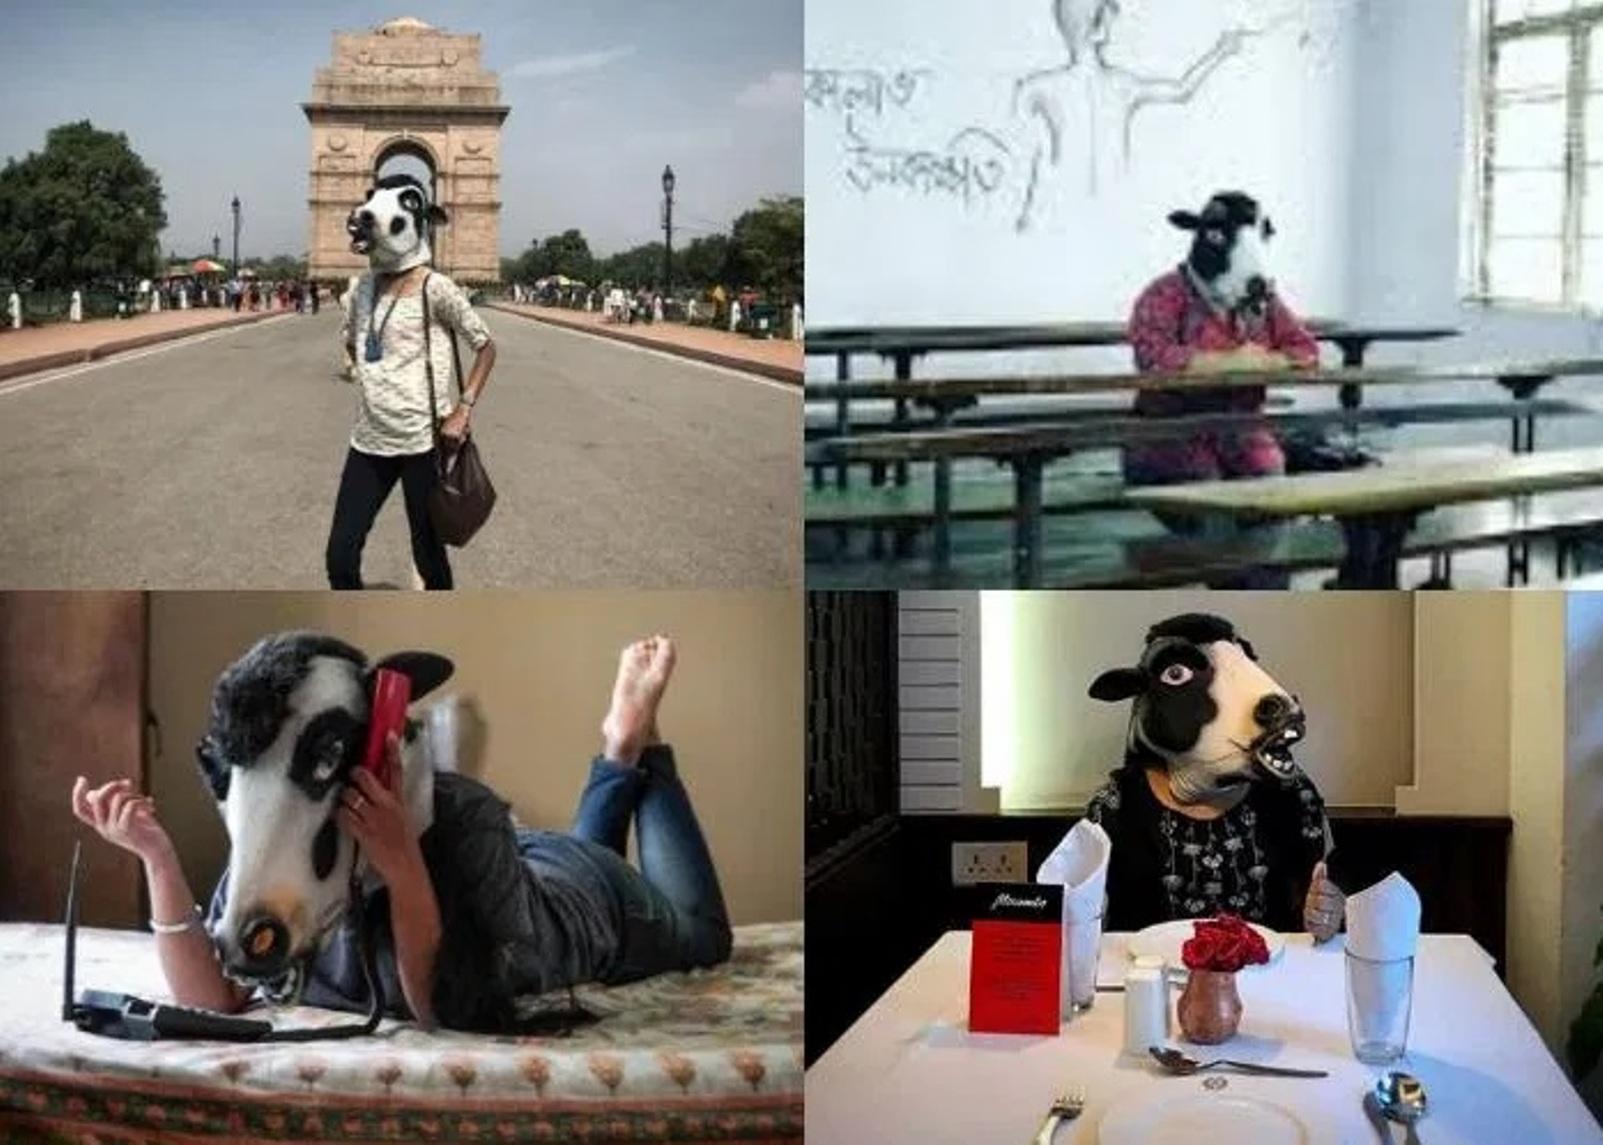 क्या भारत में महिला के बजाय गाय बन कर जीना ज़्यादा सुरक्षित है ?